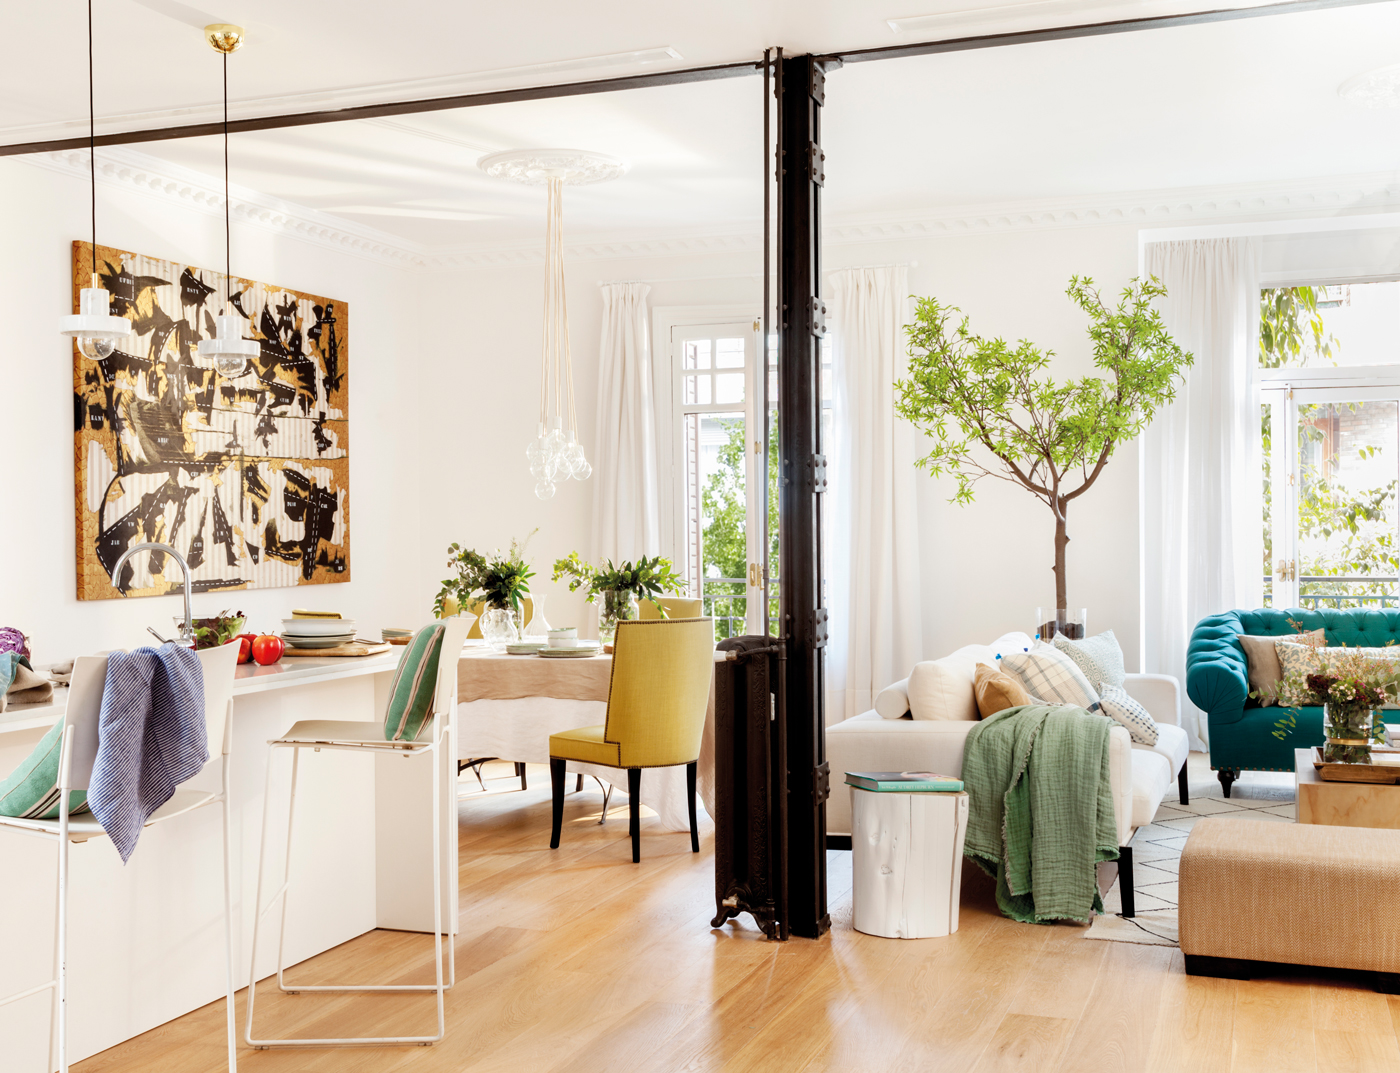 10 ideas decorativas para darle personalidad a tu casa for Cocina salon comedor